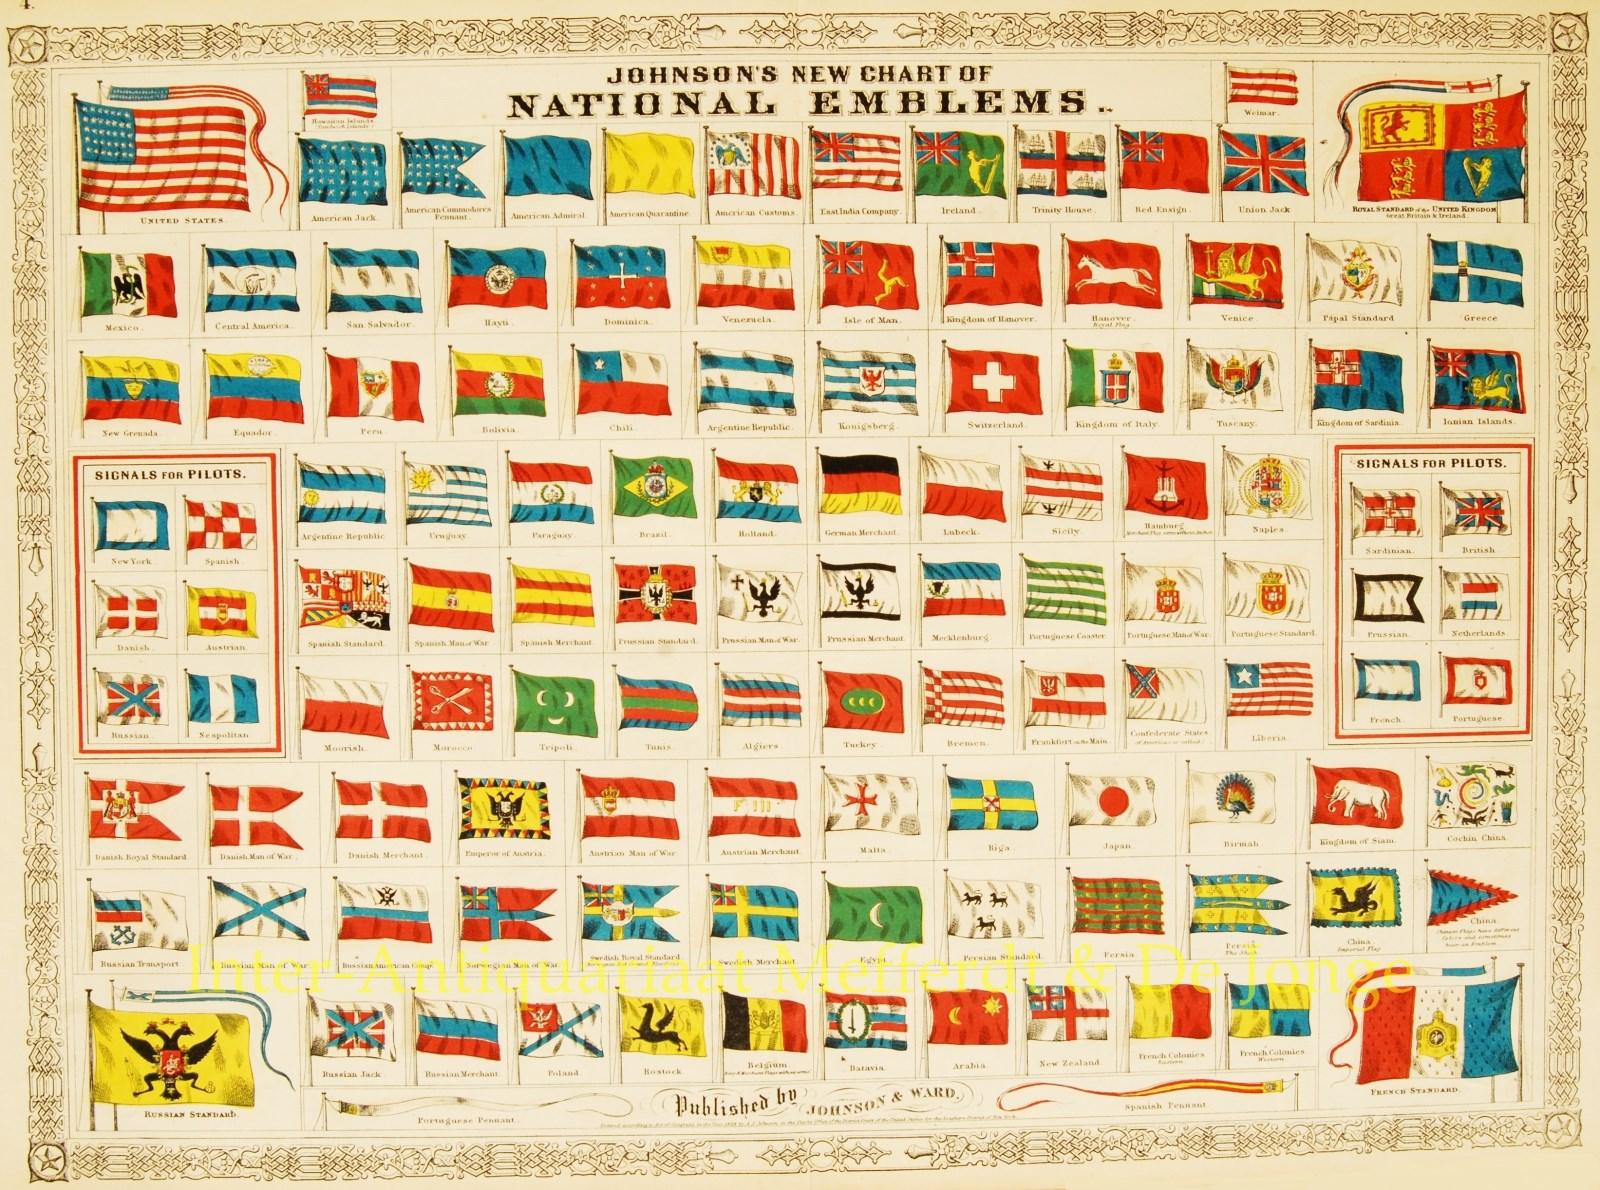 JOHNSON,  ALVIN JEWETT - Vlaggenkaart, 1868